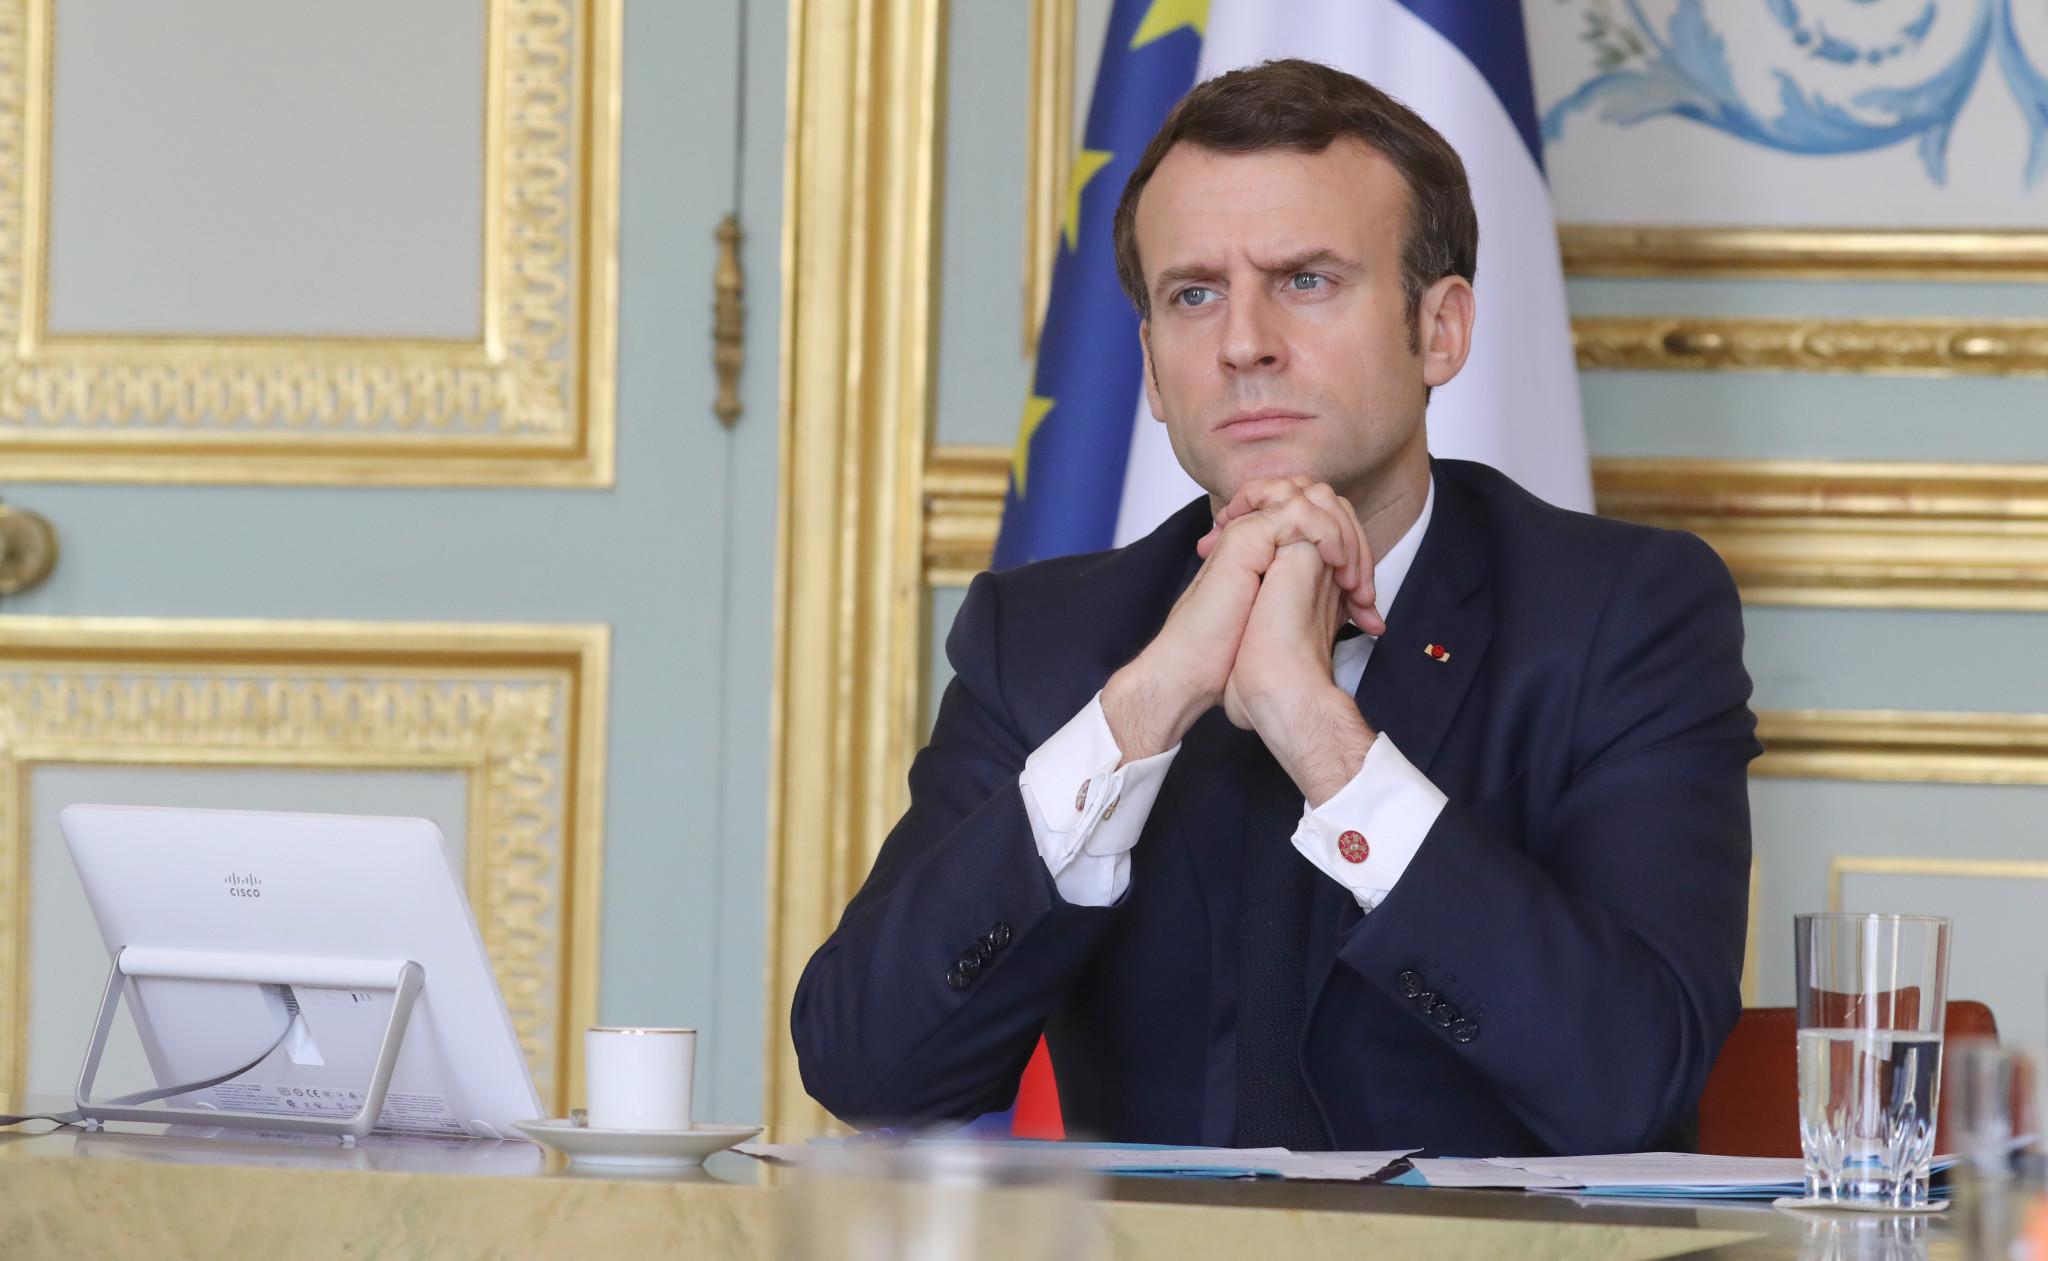 Macron pledges to rebuild Notre-Dame by Paris 2024 despite recent delays